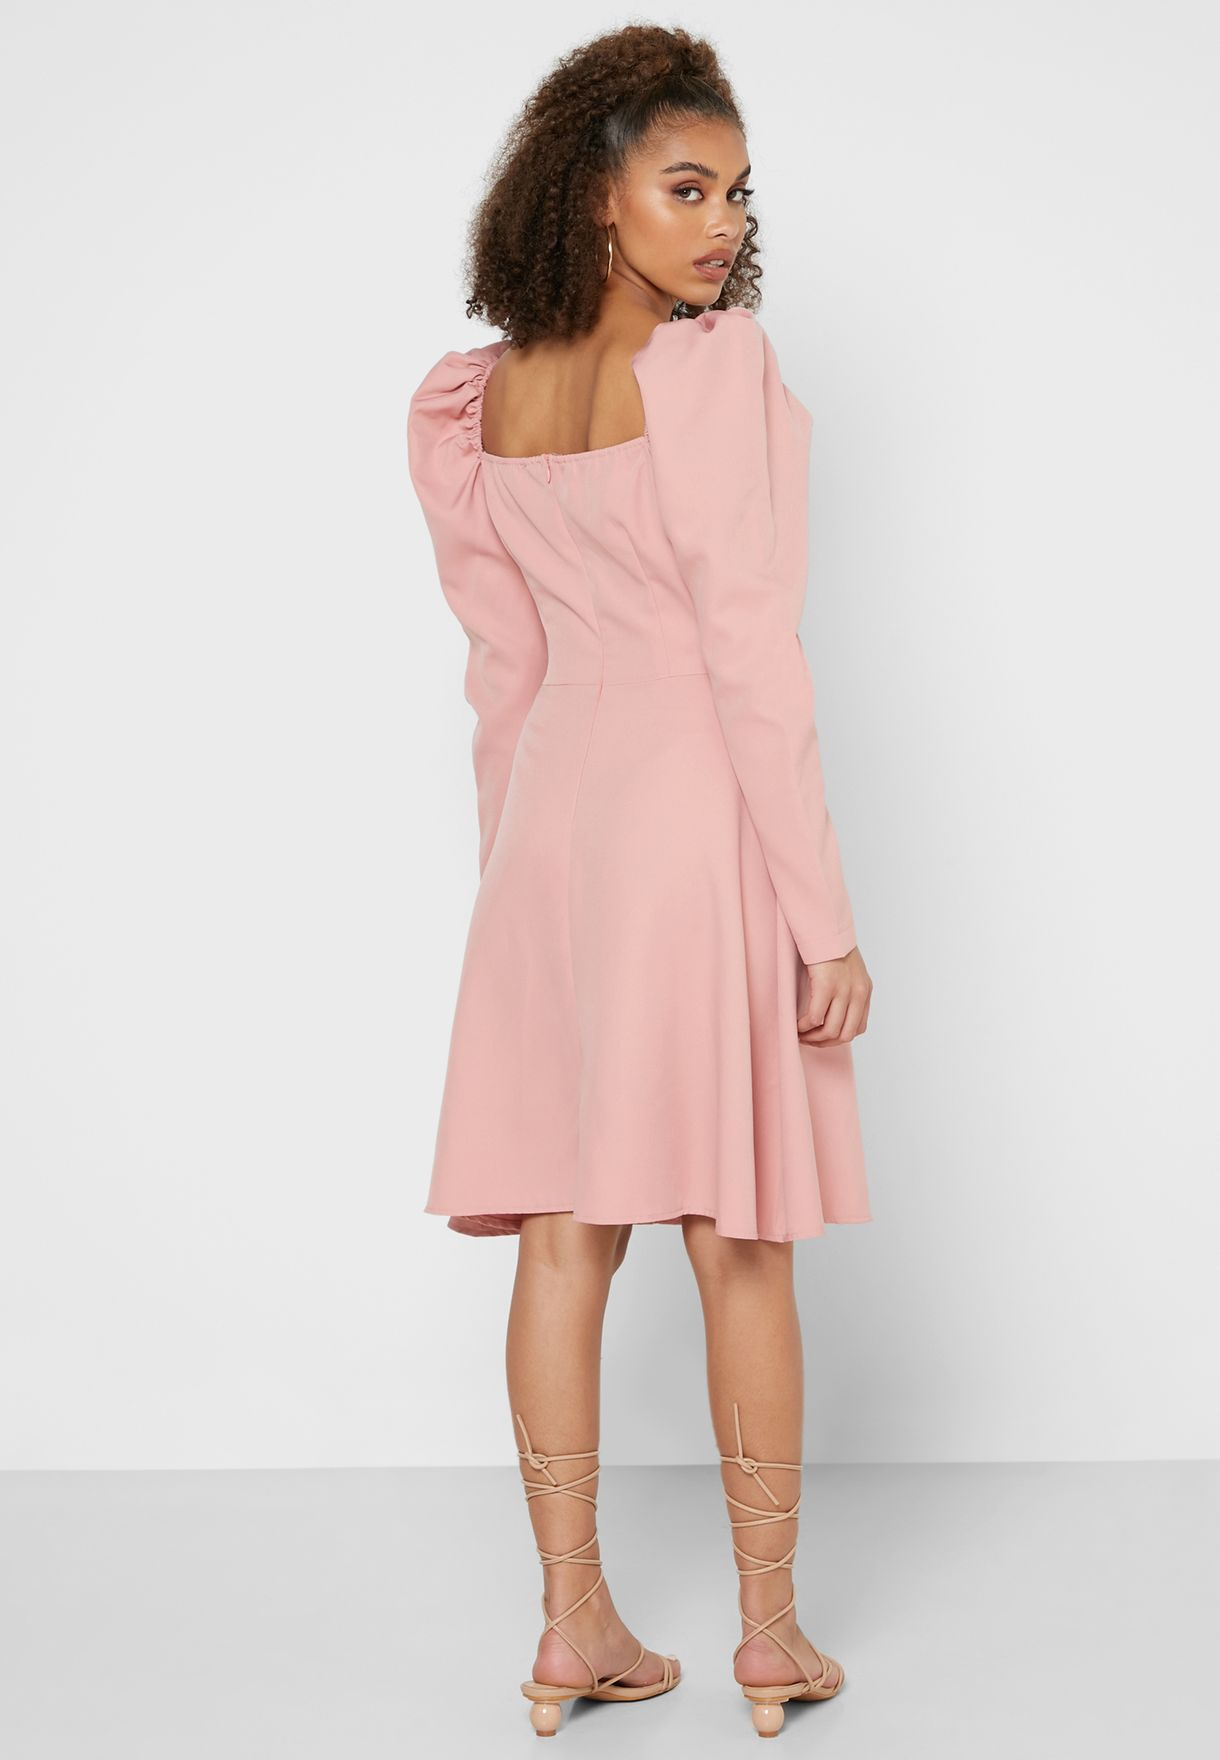 Ruched Box Pleat Mini Dress